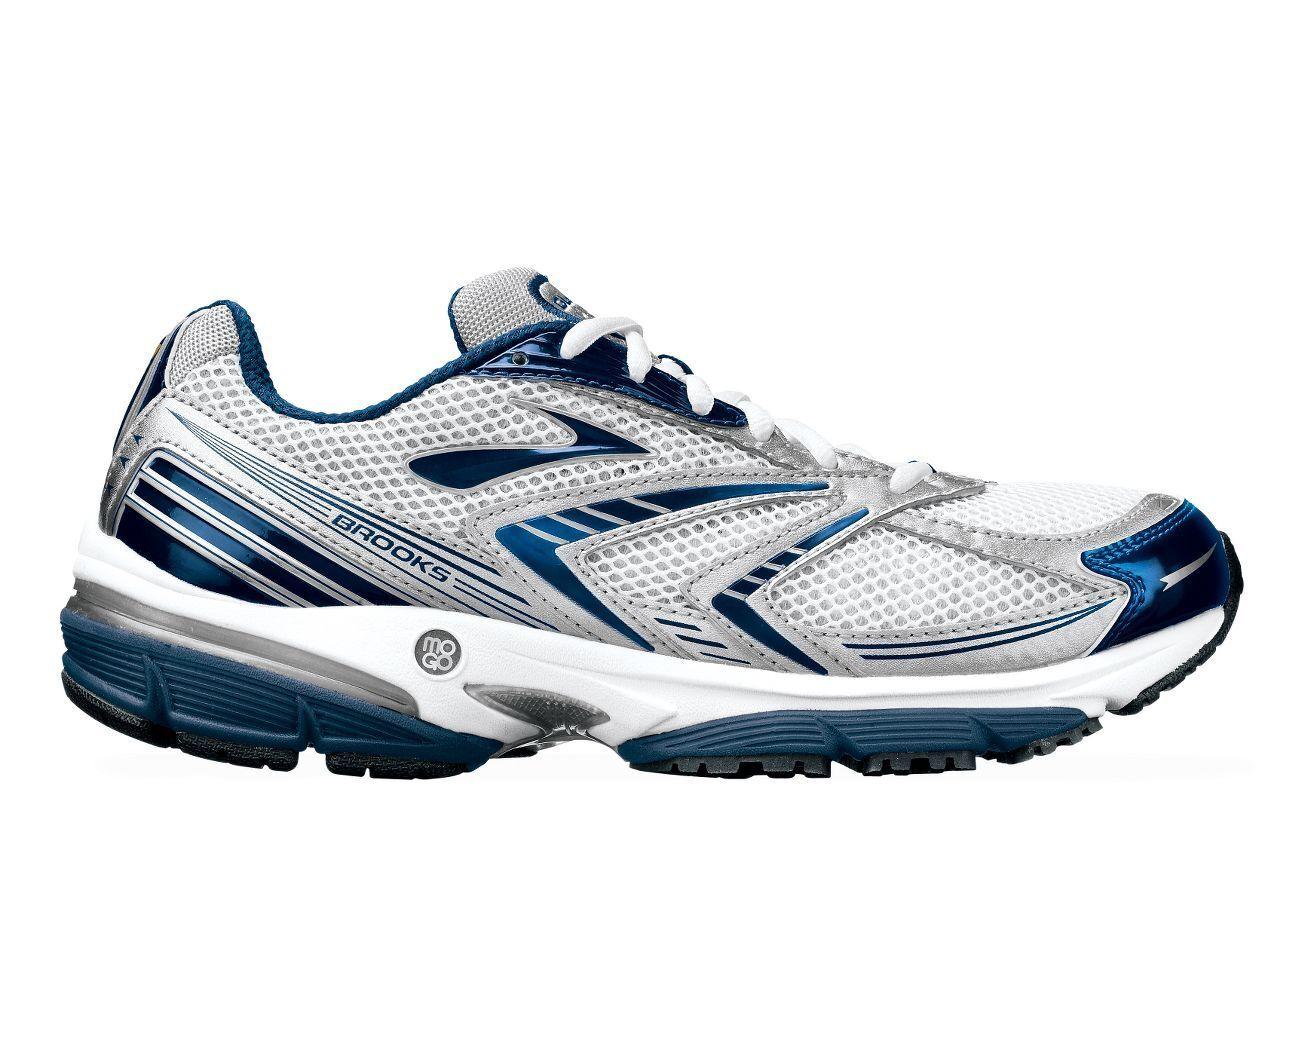 Brooks Glycerin 7 Uomo Running Runner scarpe scarpe scarpe (D) (143) 94ed5e